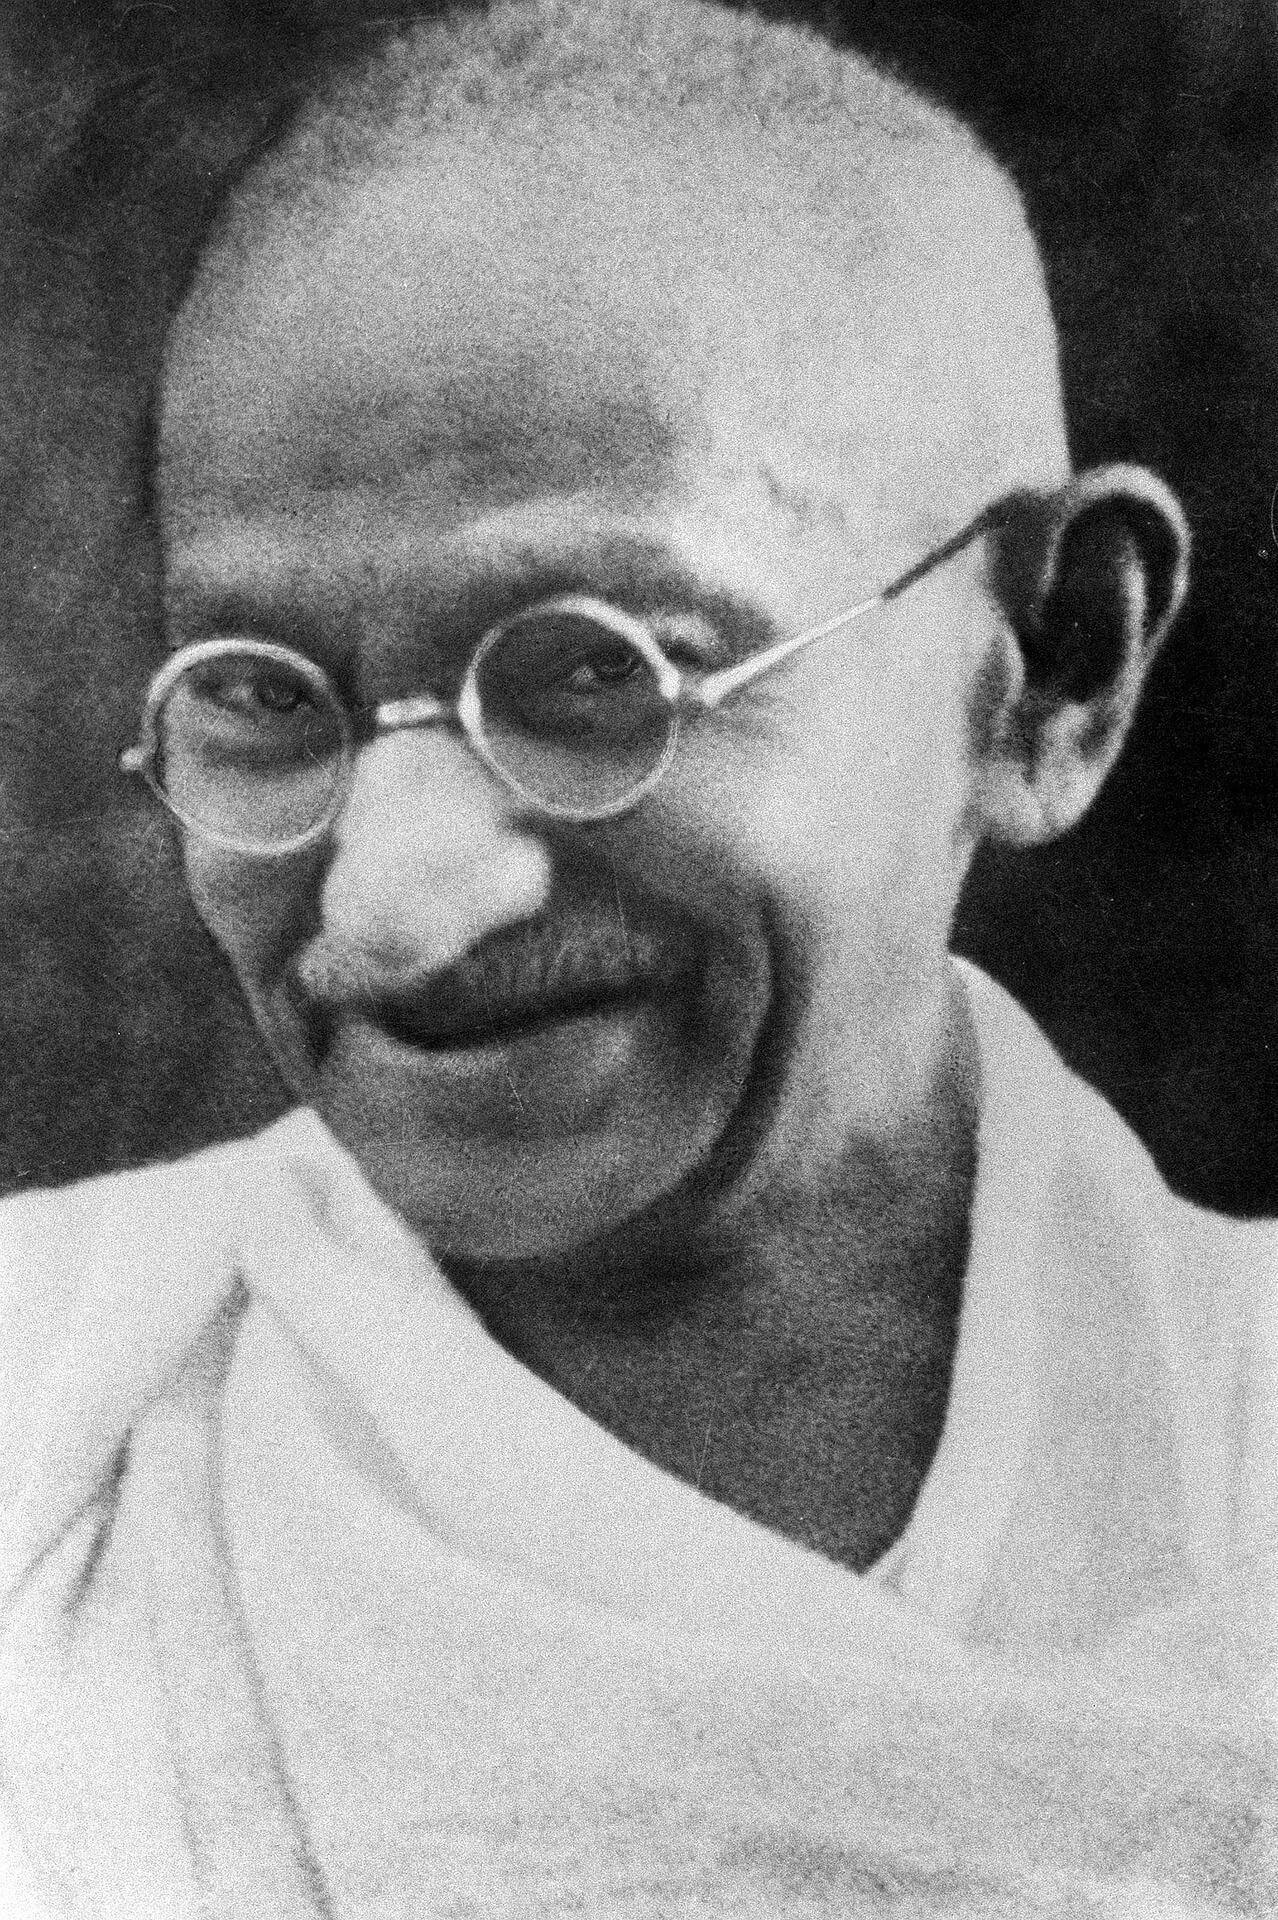 Foto von Mahatma Gandhi